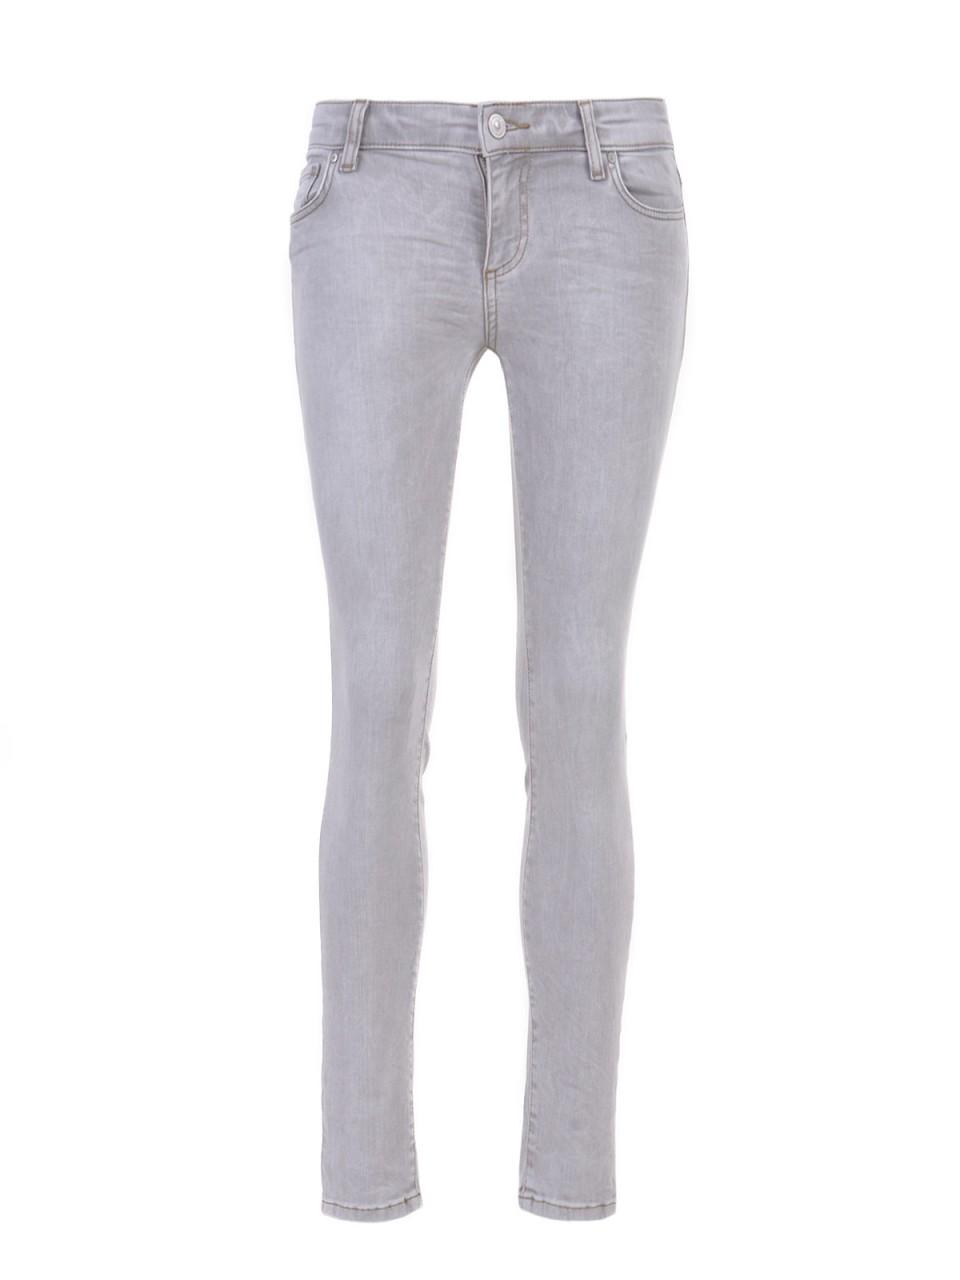 ltb-damen-jeans-grau